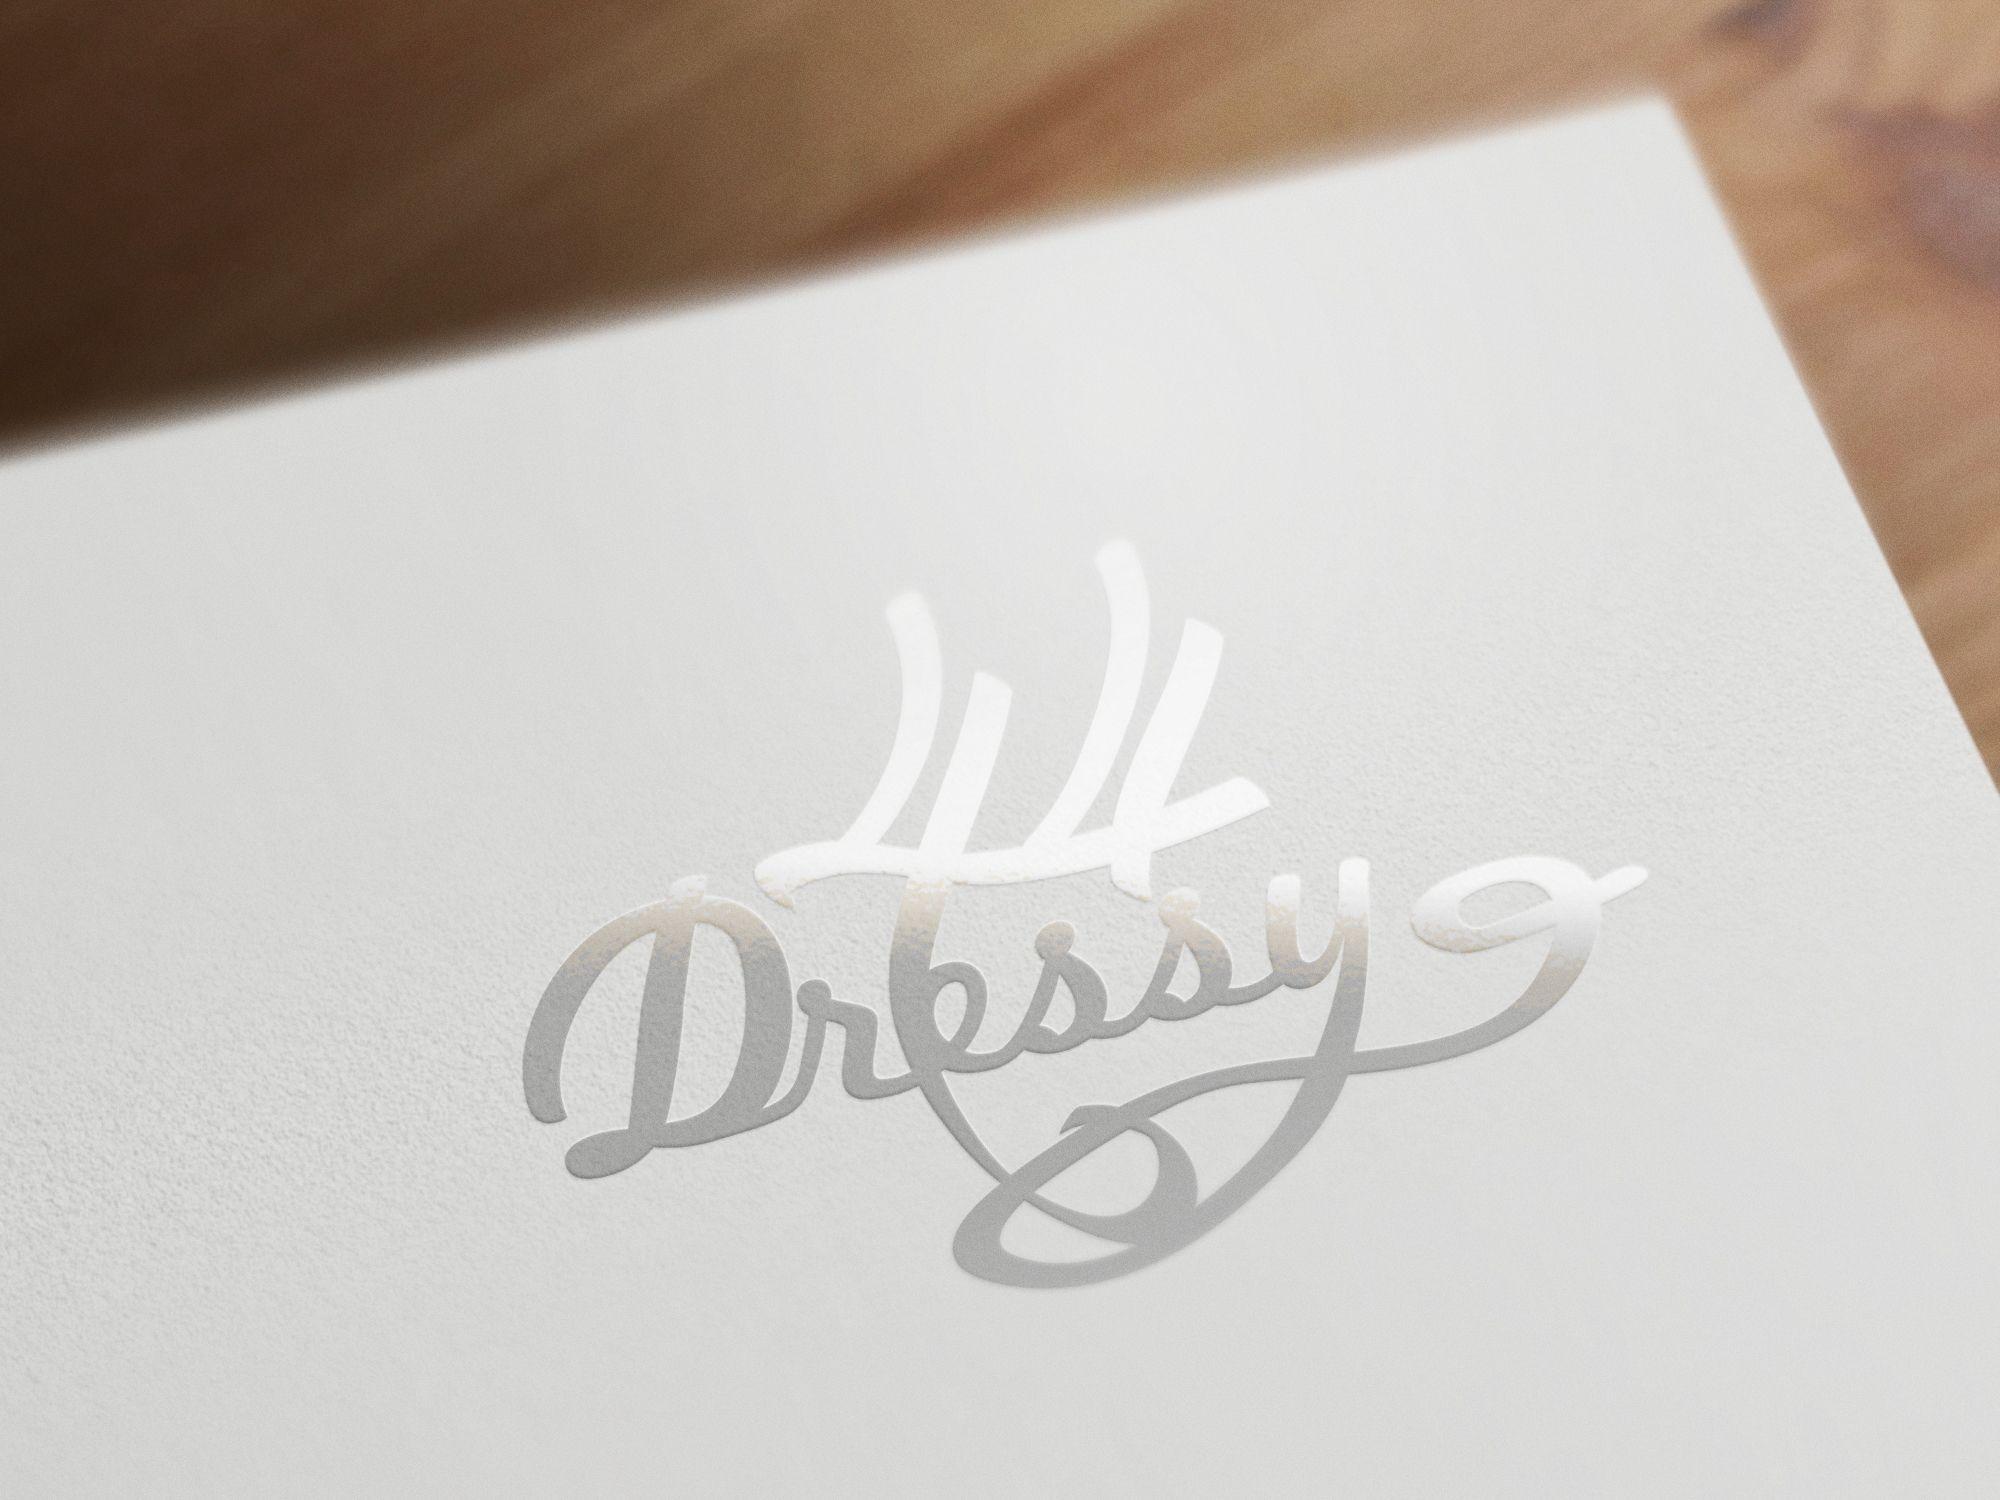 разработка логотипа _производство платьев - дизайнер rosewind